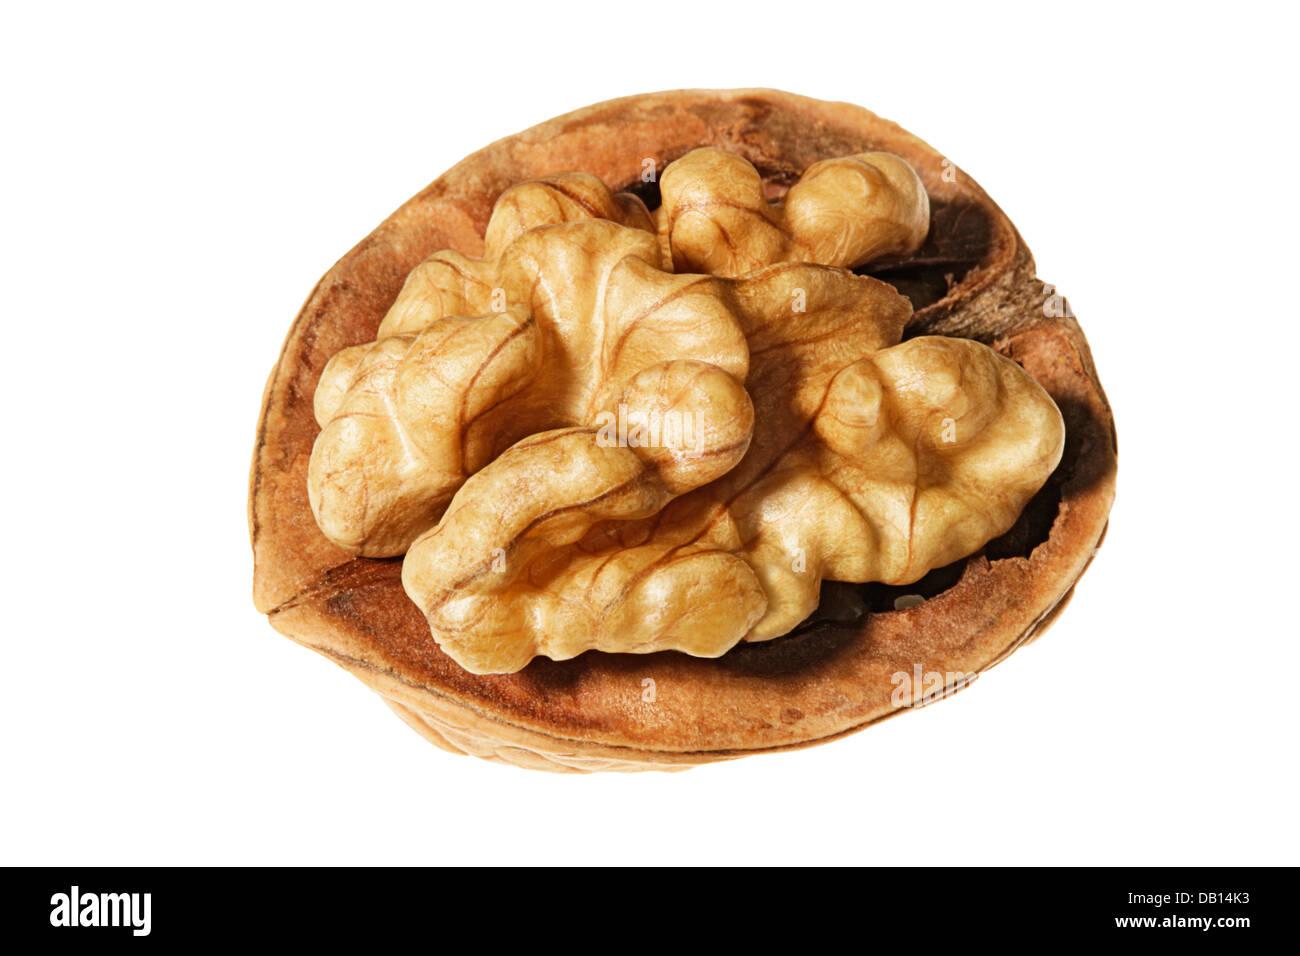 Walnut core - Stock Image